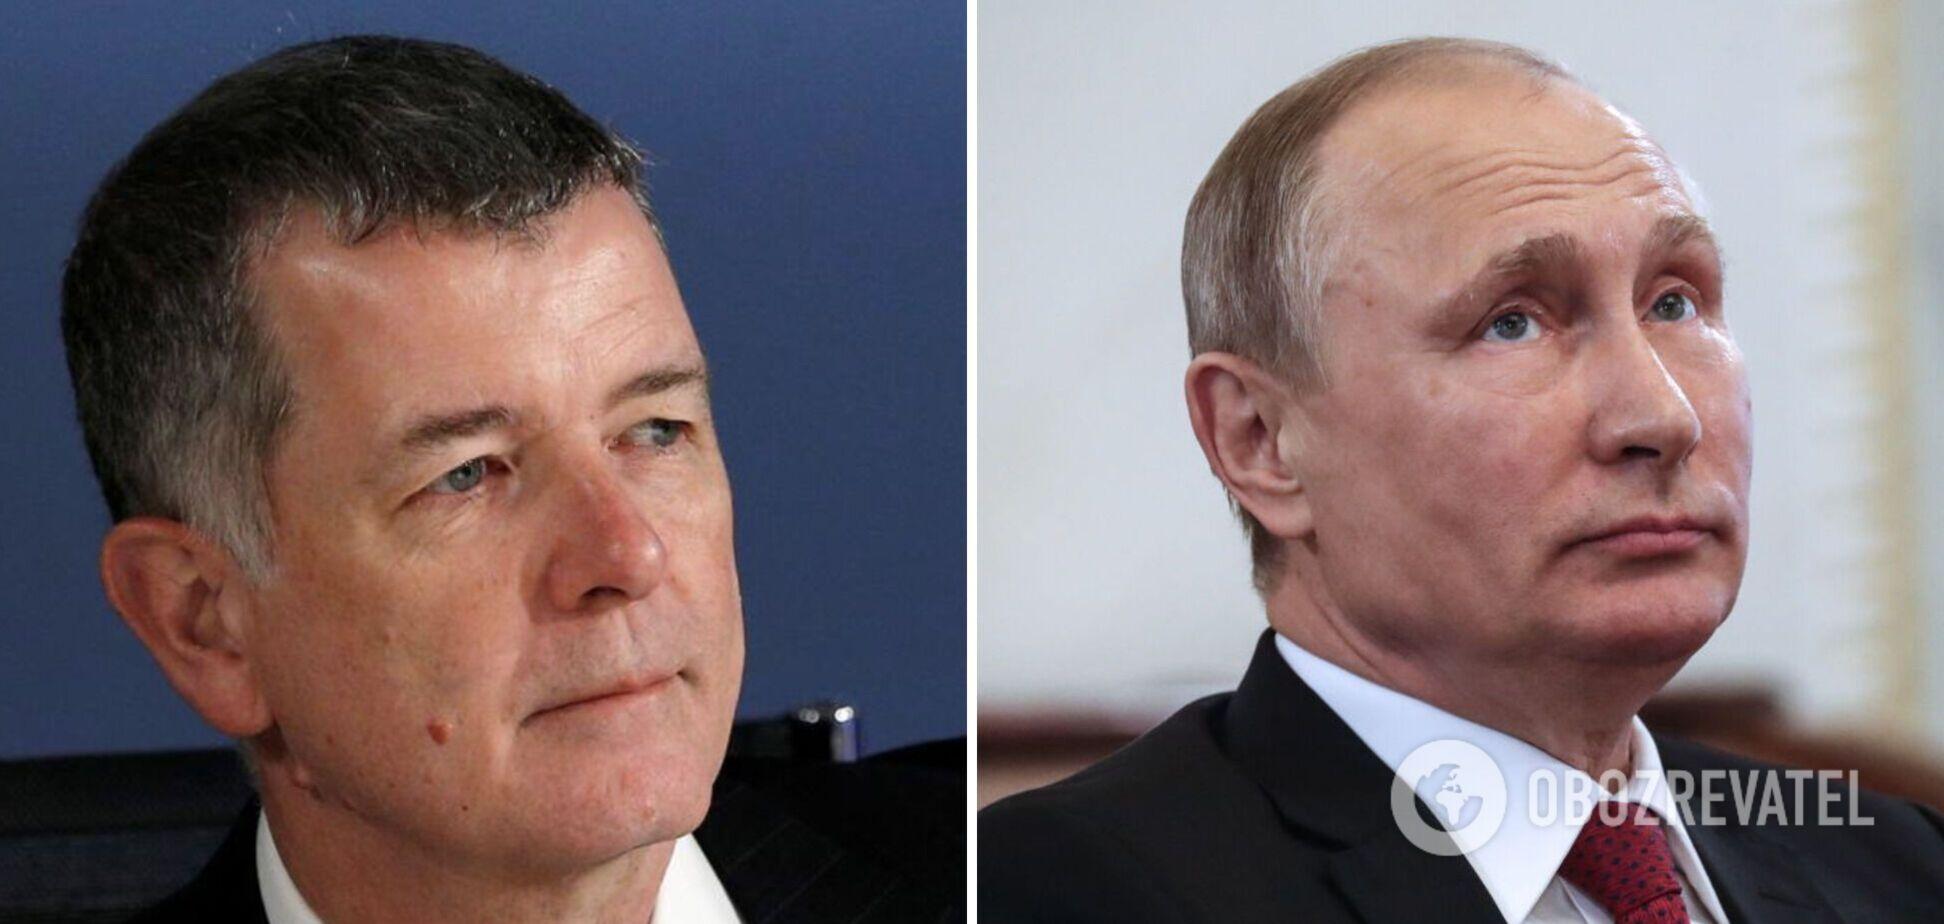 Глава Ми-6 Ричард Мур и президент РФ Владимир Путин